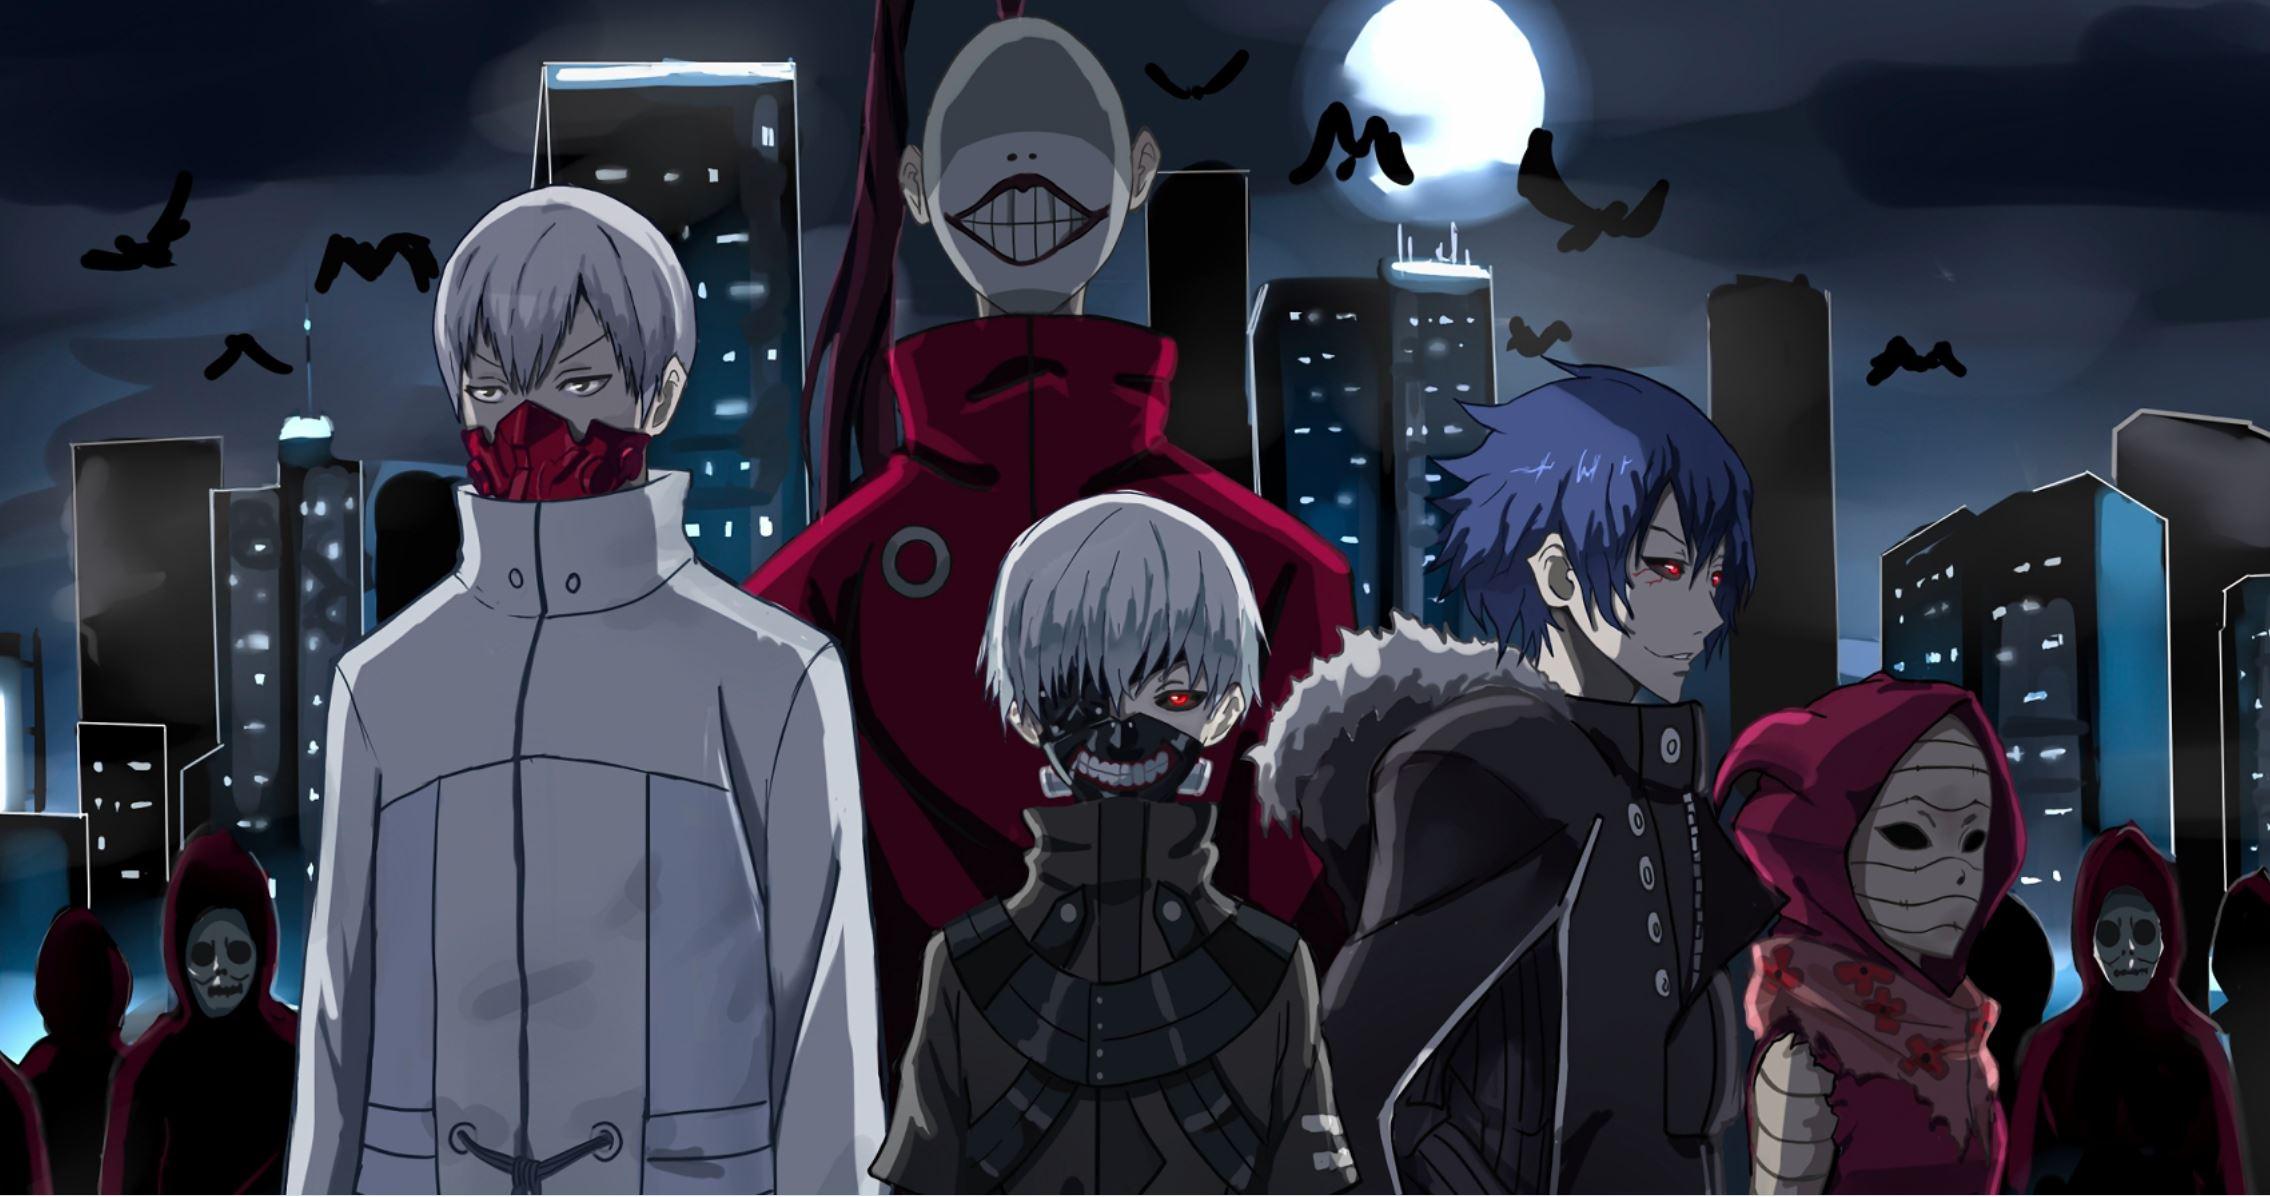 7 Organisasi Ghoul Kuat Yang Ada di Anime Tokyo Ghoul 5